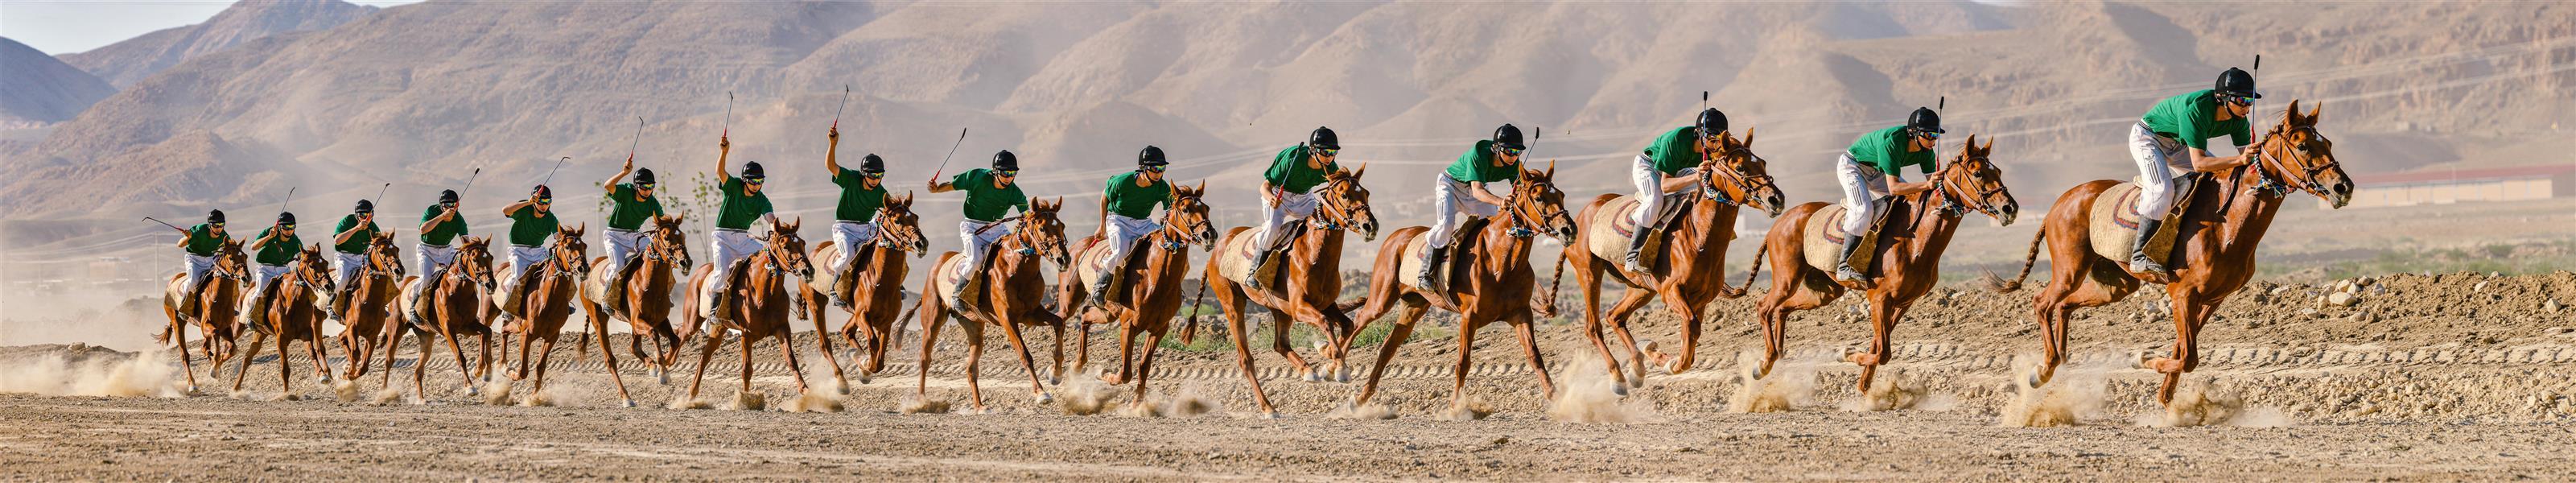 هنر عکاسی محفل عکاسی Mohammad amini حرکت اسب سوار و اسب در یک مسابقه اسب دوانی. مجموعه تصاویر فرم حرکت در قالب یک تصویر.